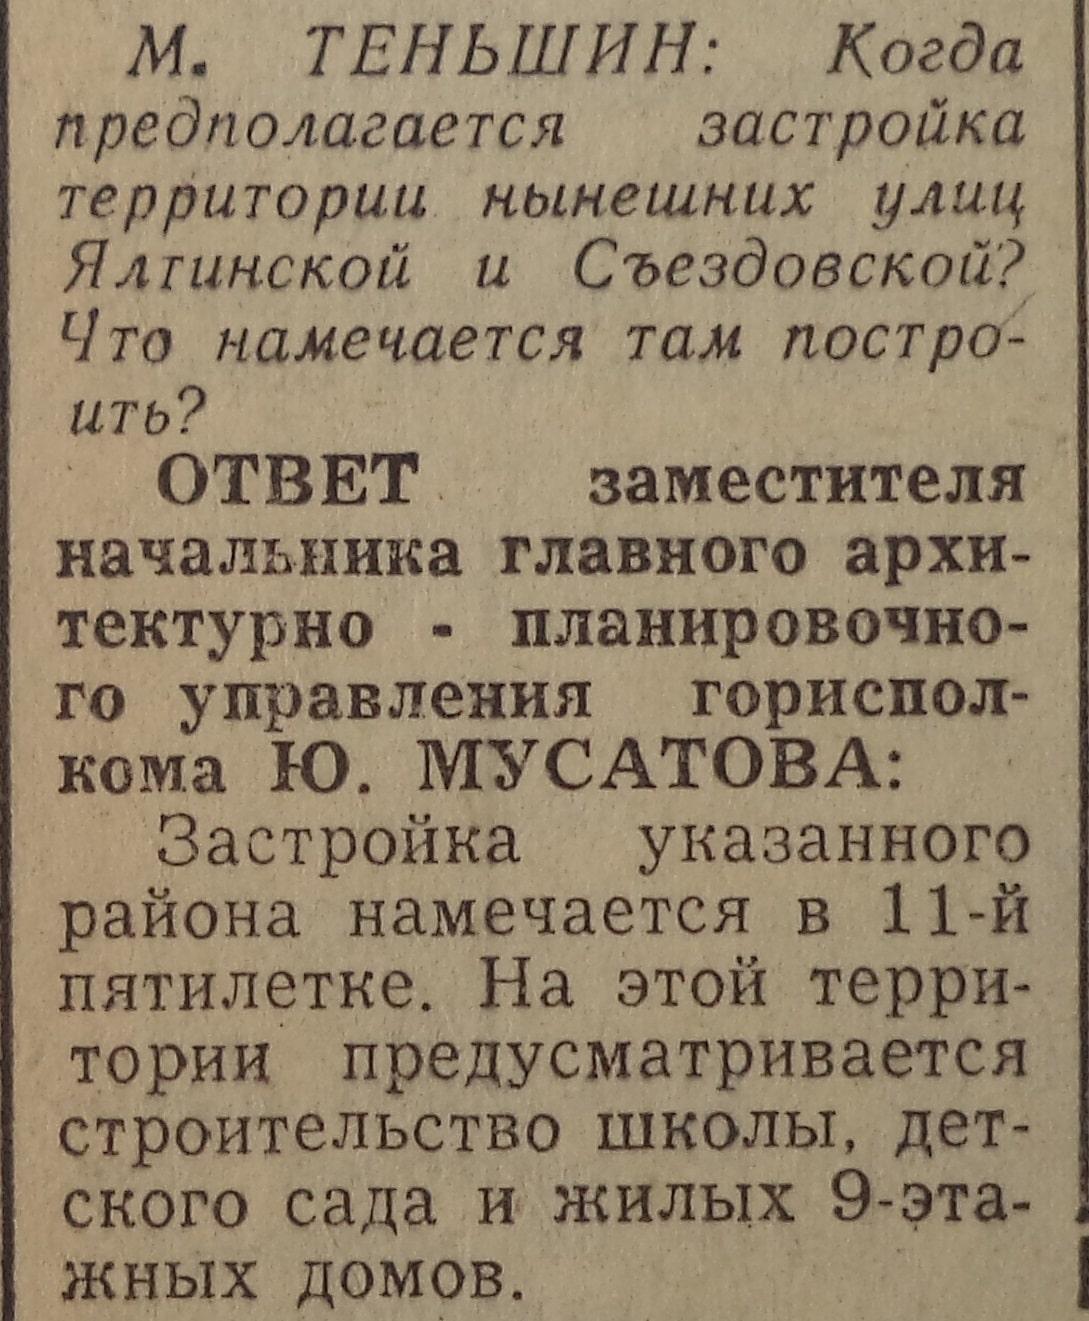 Съездовская-ФОТО-15-ВЗя-1979-01-13-о застройке Ялт. и Съезд.-min